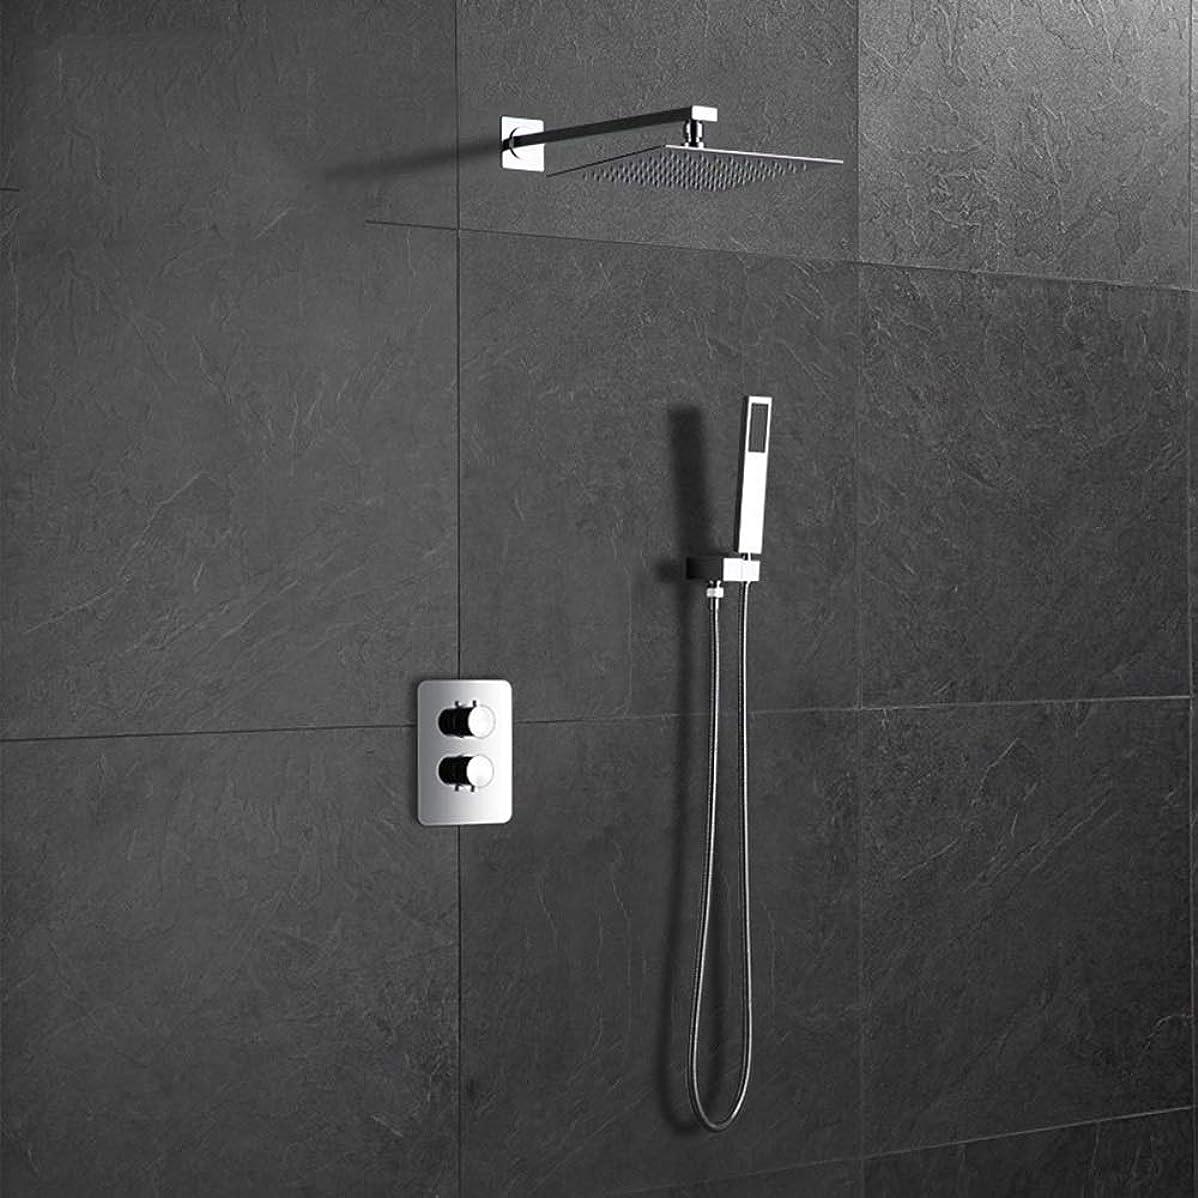 想像する忘れられない対象ZYL-YL ホテルホーム隠さシャワーウォールシャワーホット&コールドシャワーセットクローム銅のハンドシャワーシステム2機能広場トップ固定シャワーヘッドスプレー